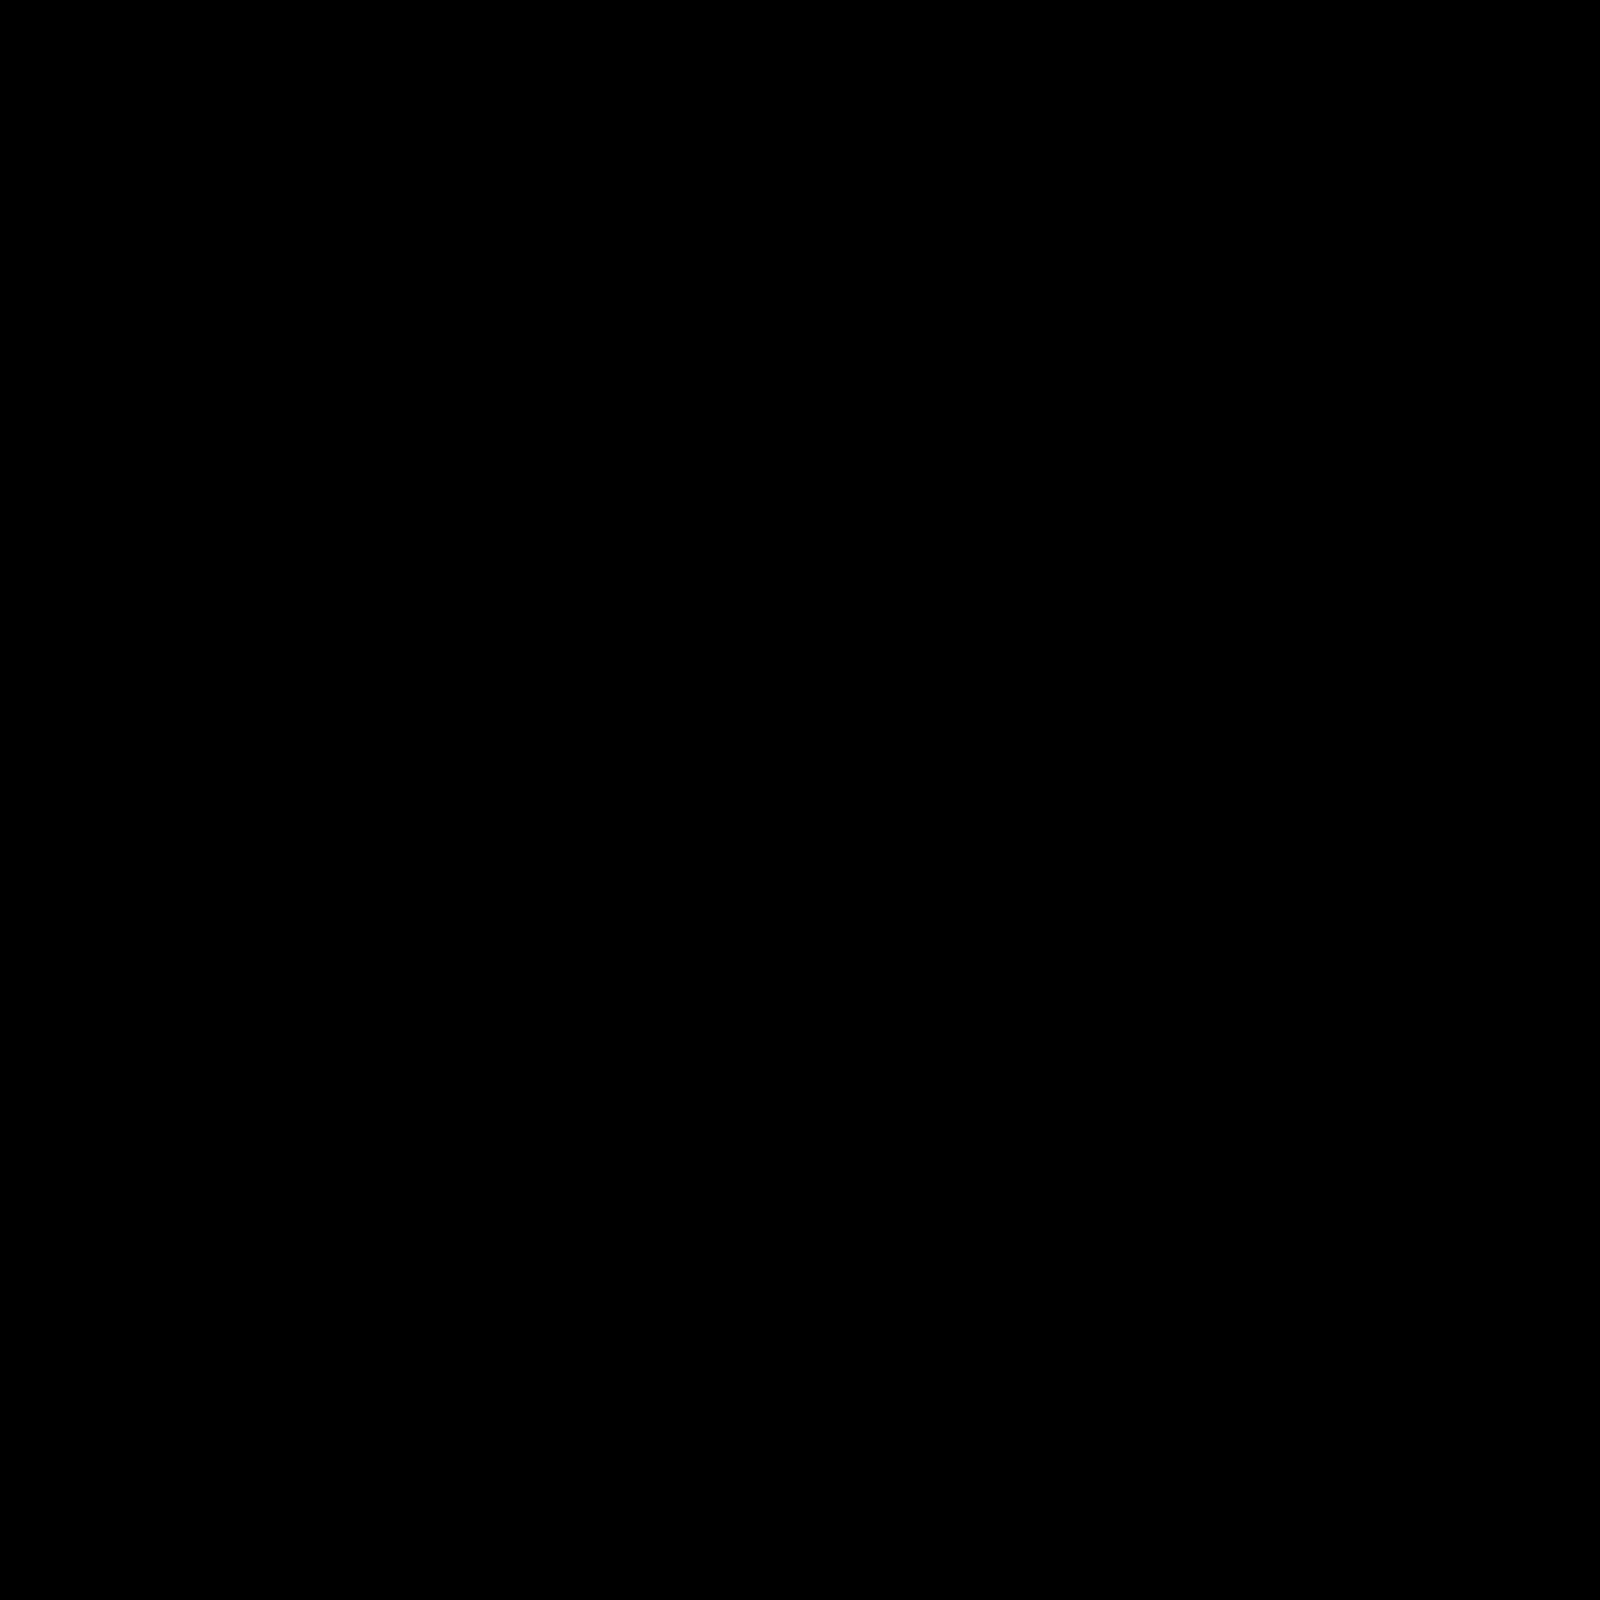 Resultado de imagem para icone evento